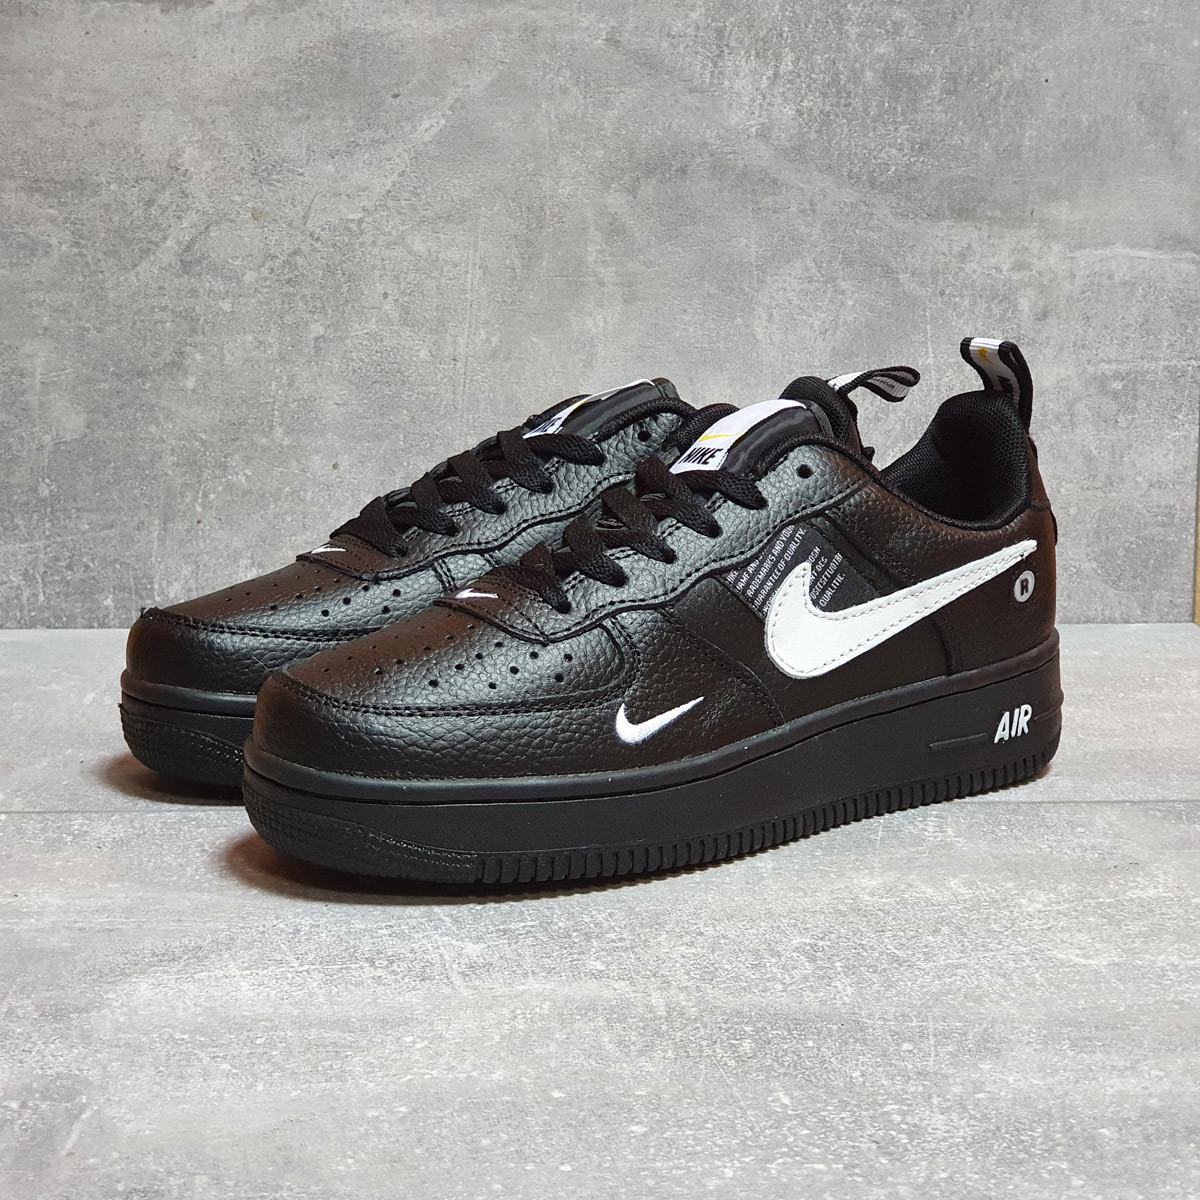 Кроссовки мужские 17502 ► Nike Air, черные. [Размеры в наличии: 44,45,46]